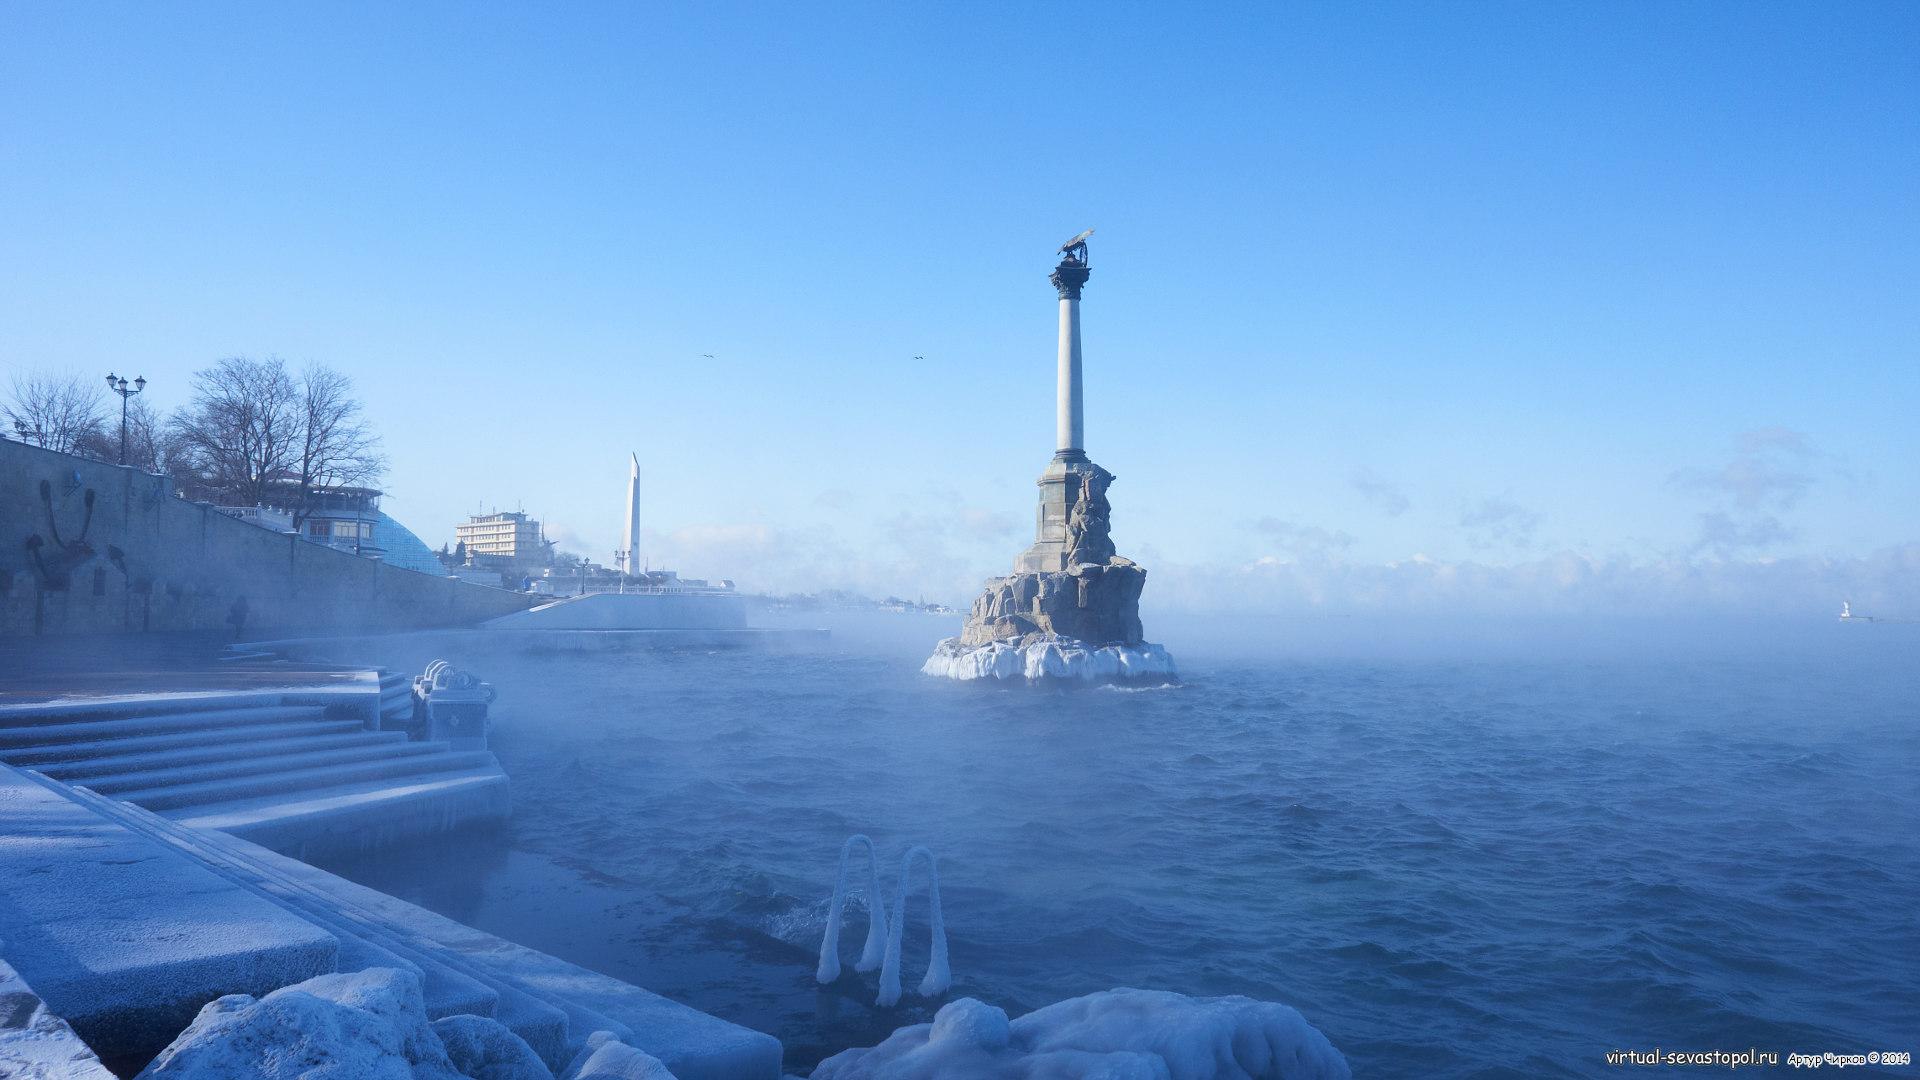 Севастополь. Памятник погибшим кораблям